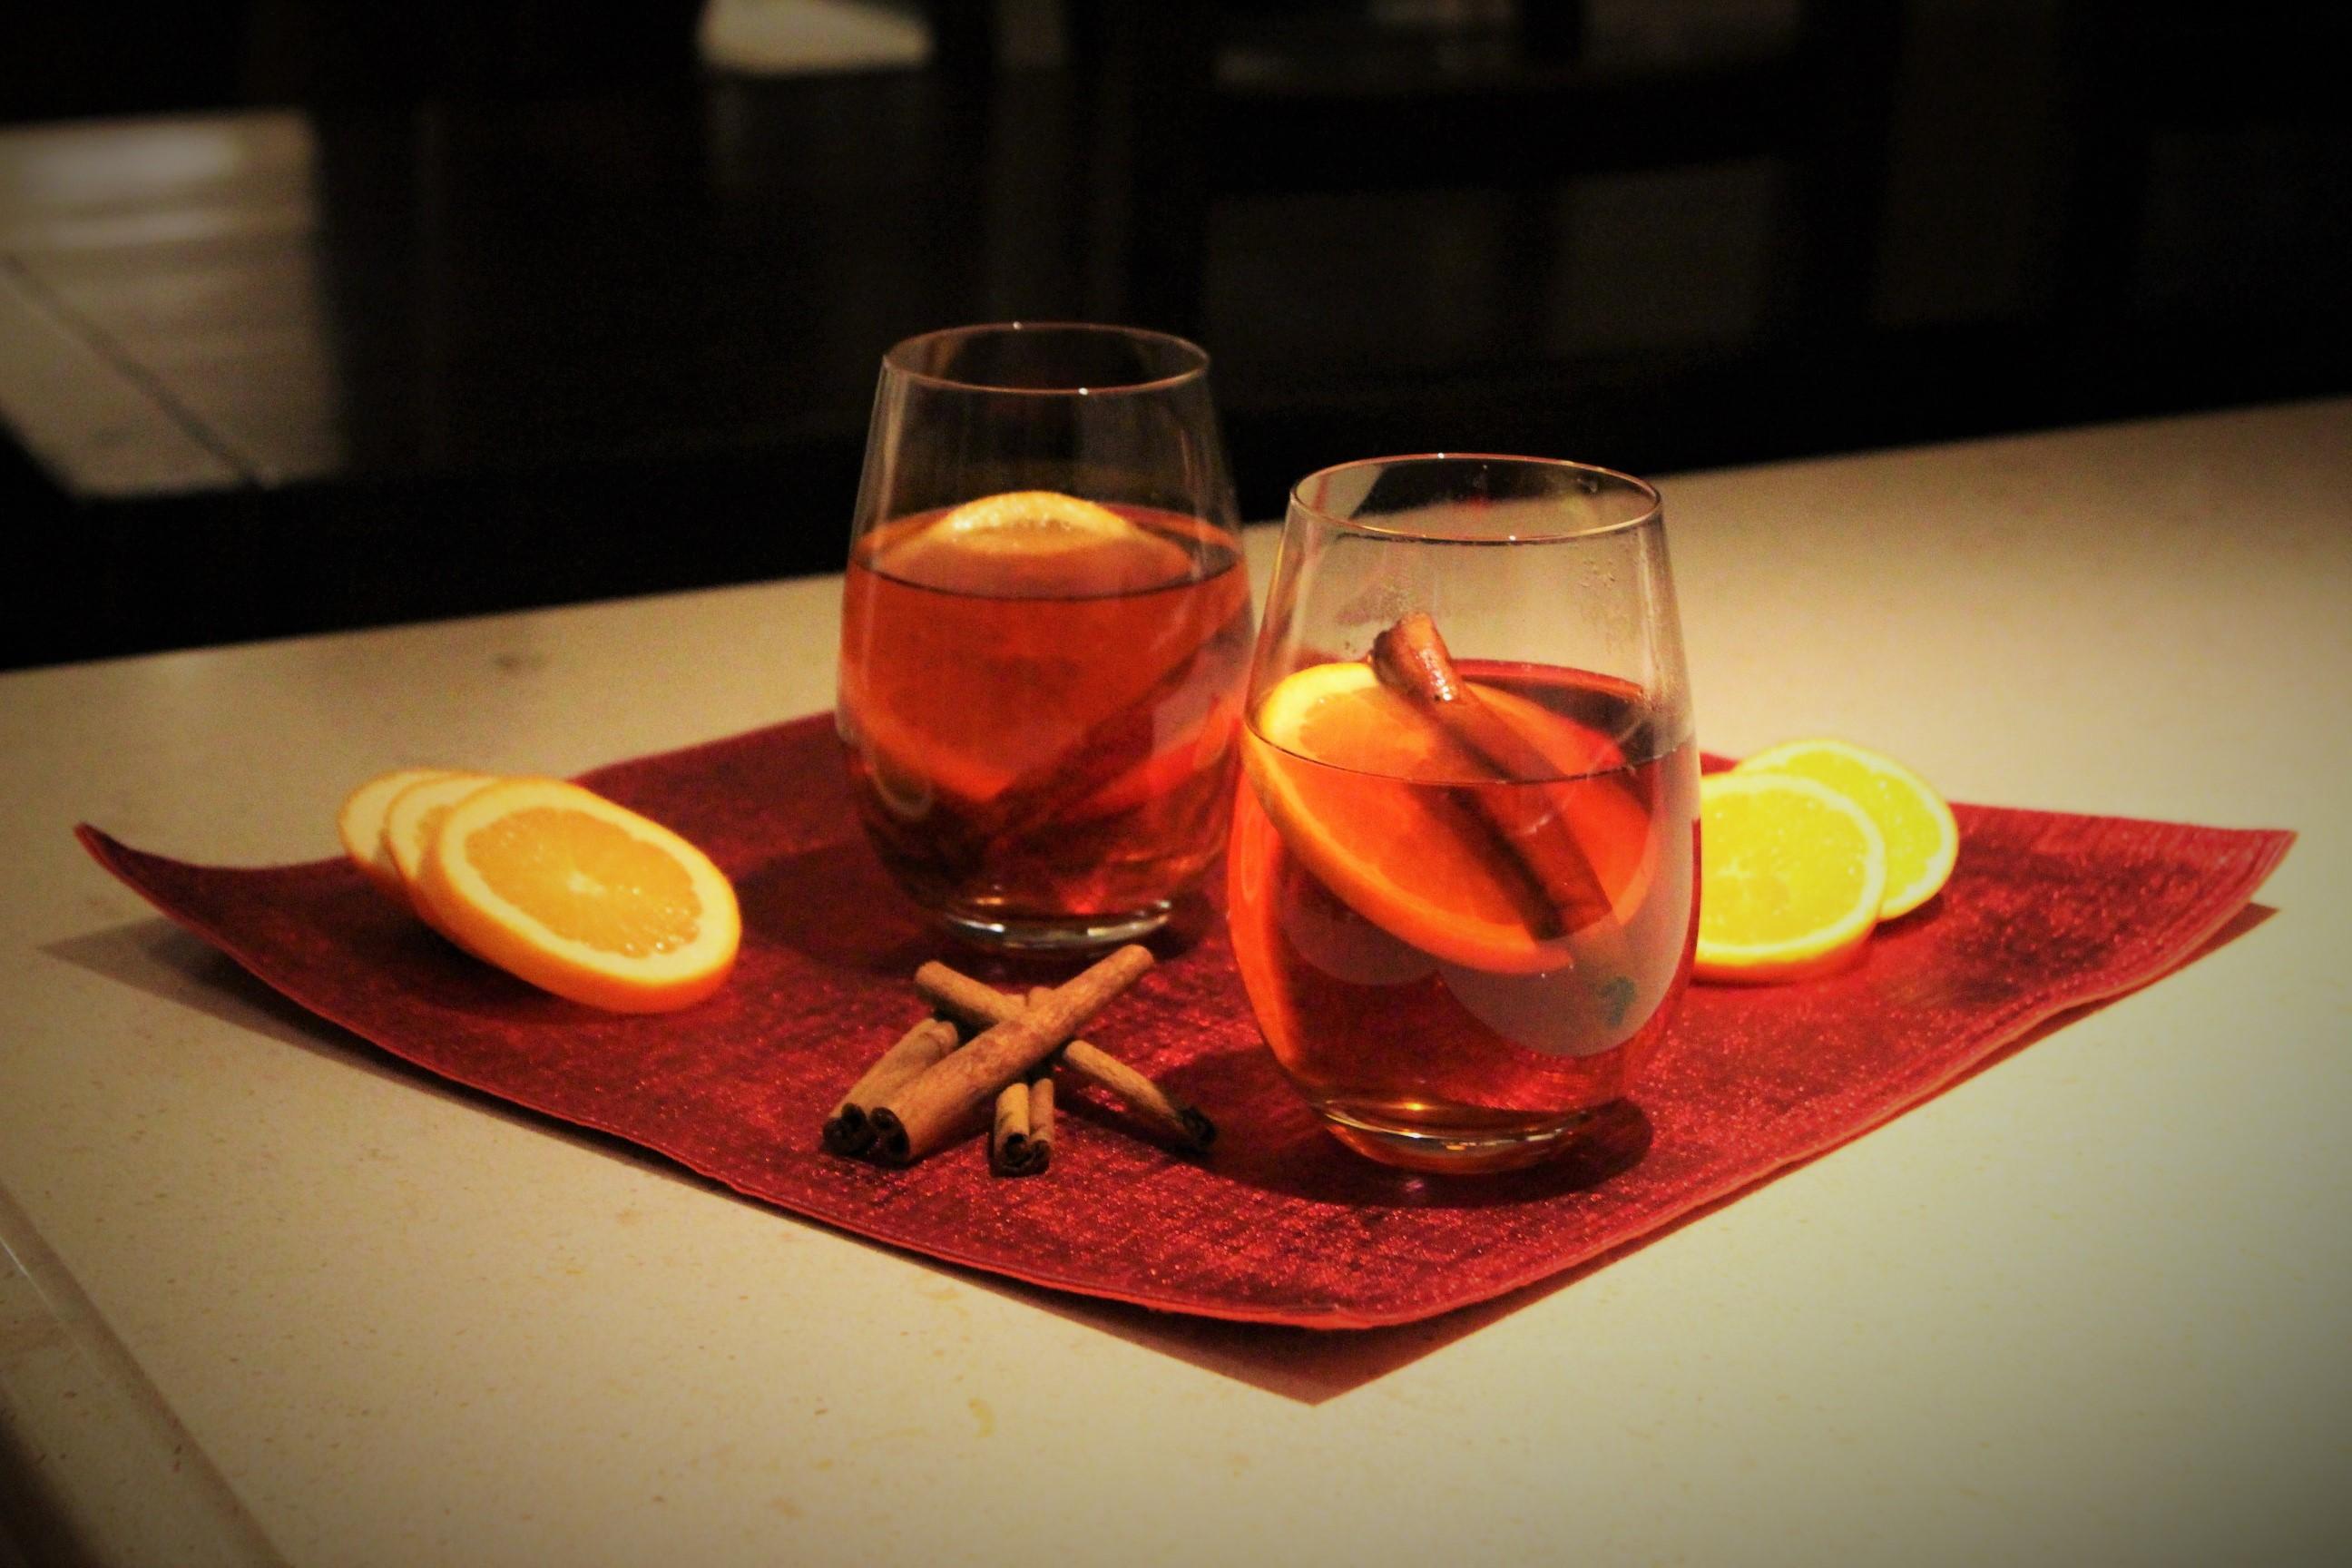 Spiced Blueberry Tea